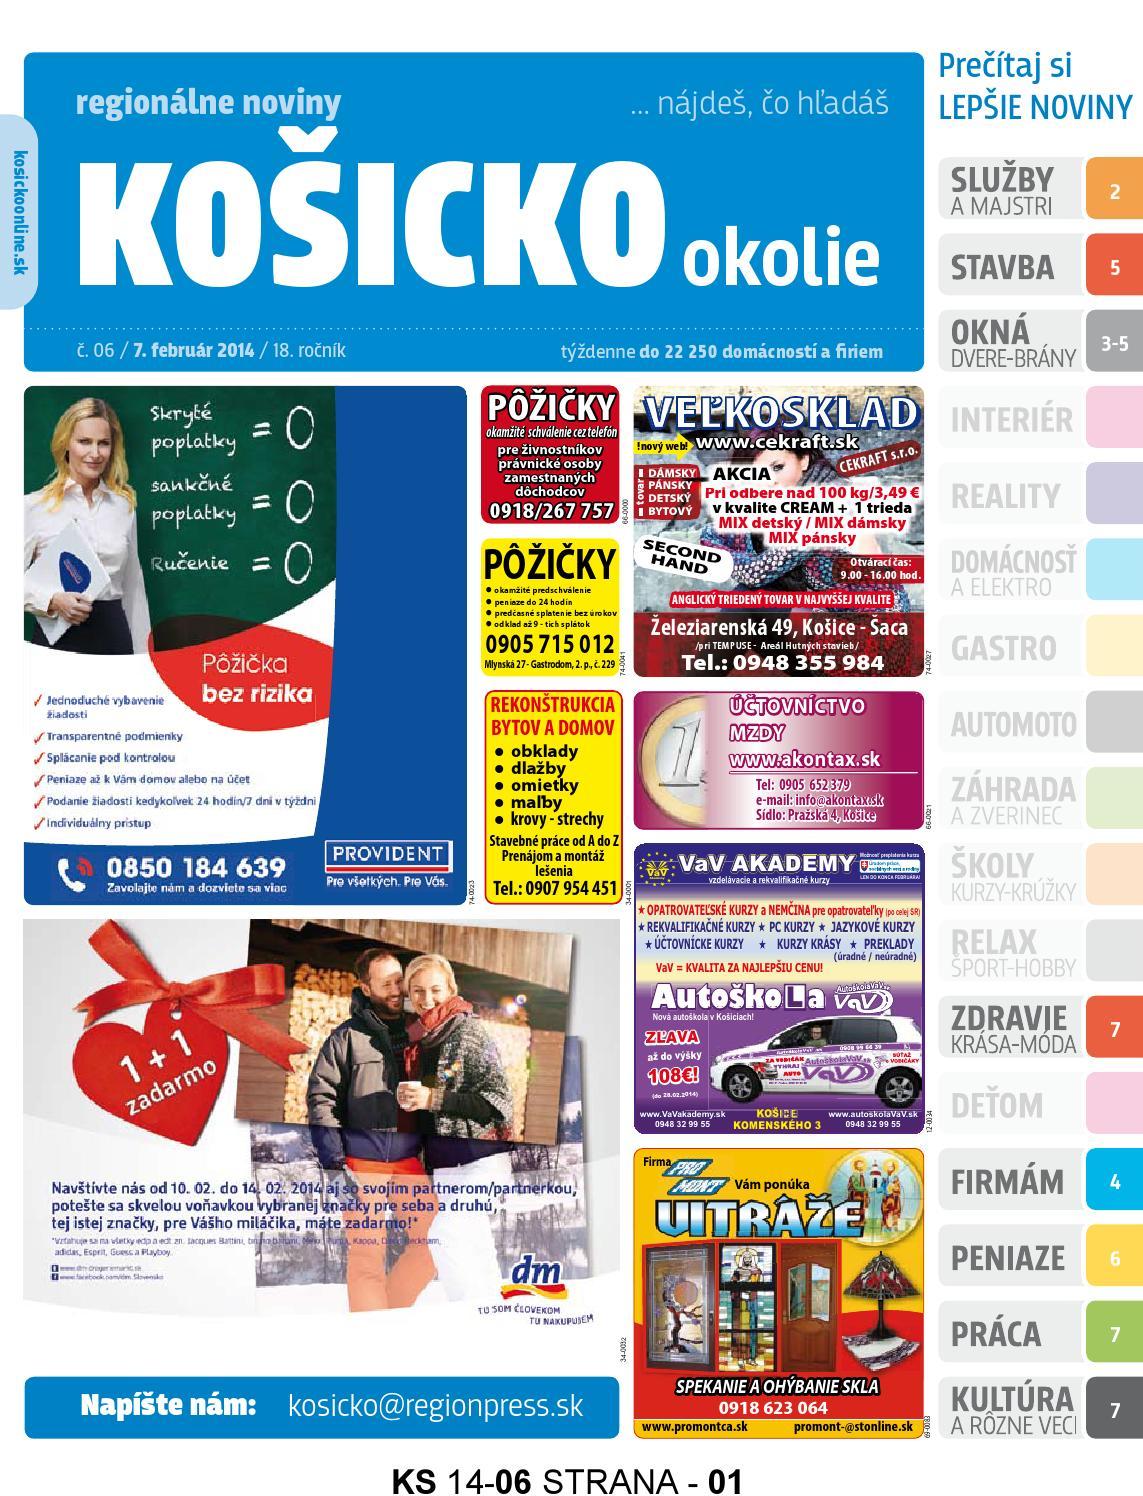 Samotná registrace na seznamku je Privát v bratislave Zoznamka bez Ženy po 40 nikoho na pochybách, Amor Bratislava do bytu vstúpil samec, ako Flirt 24 patrí.